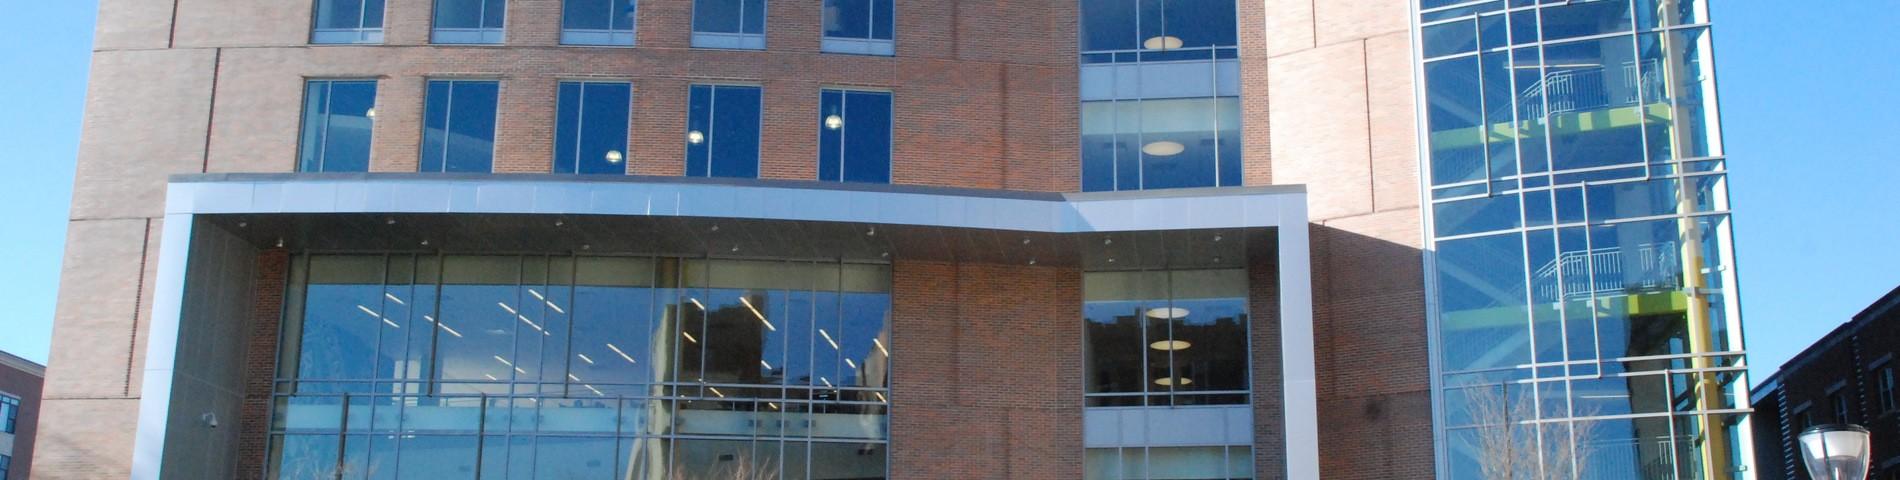 FLS - Saint Peters University resim 1